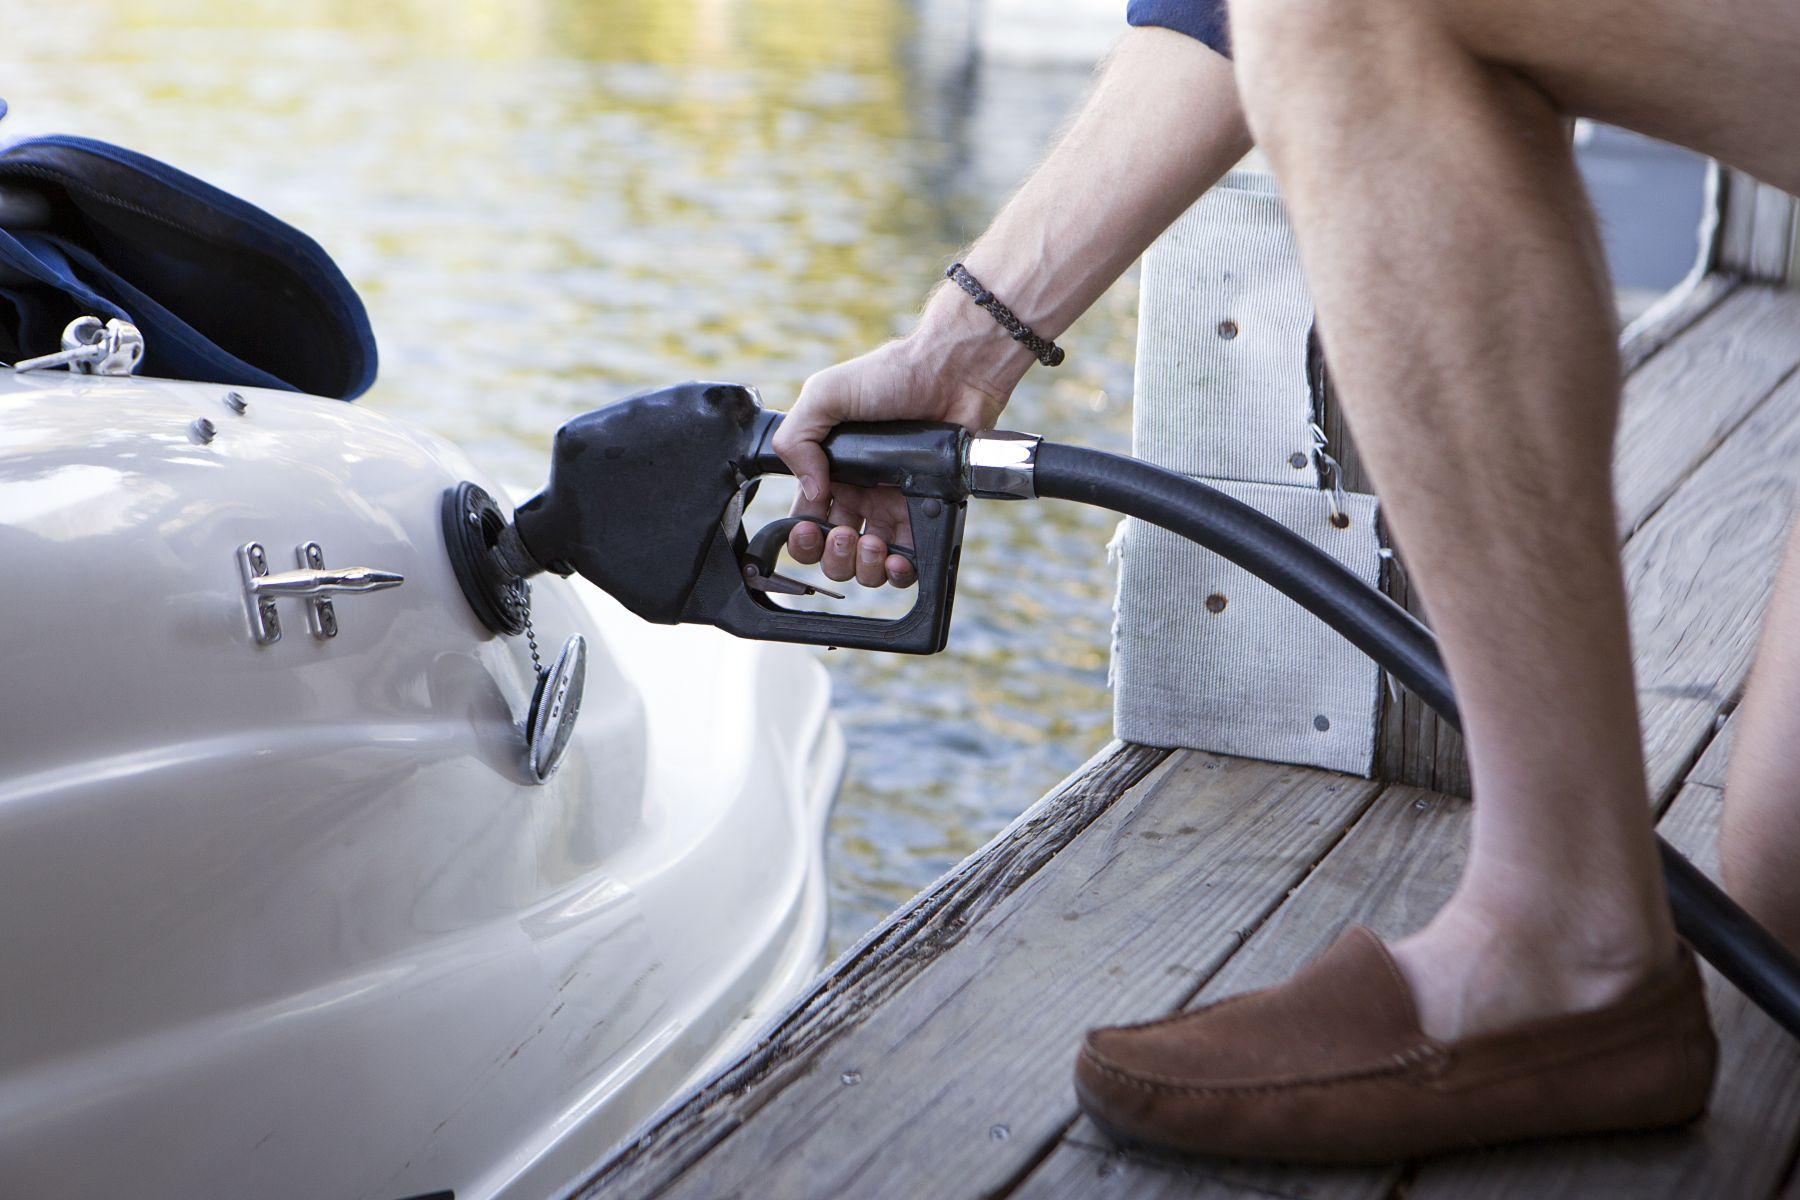 Refueling a boat at a marina pump.